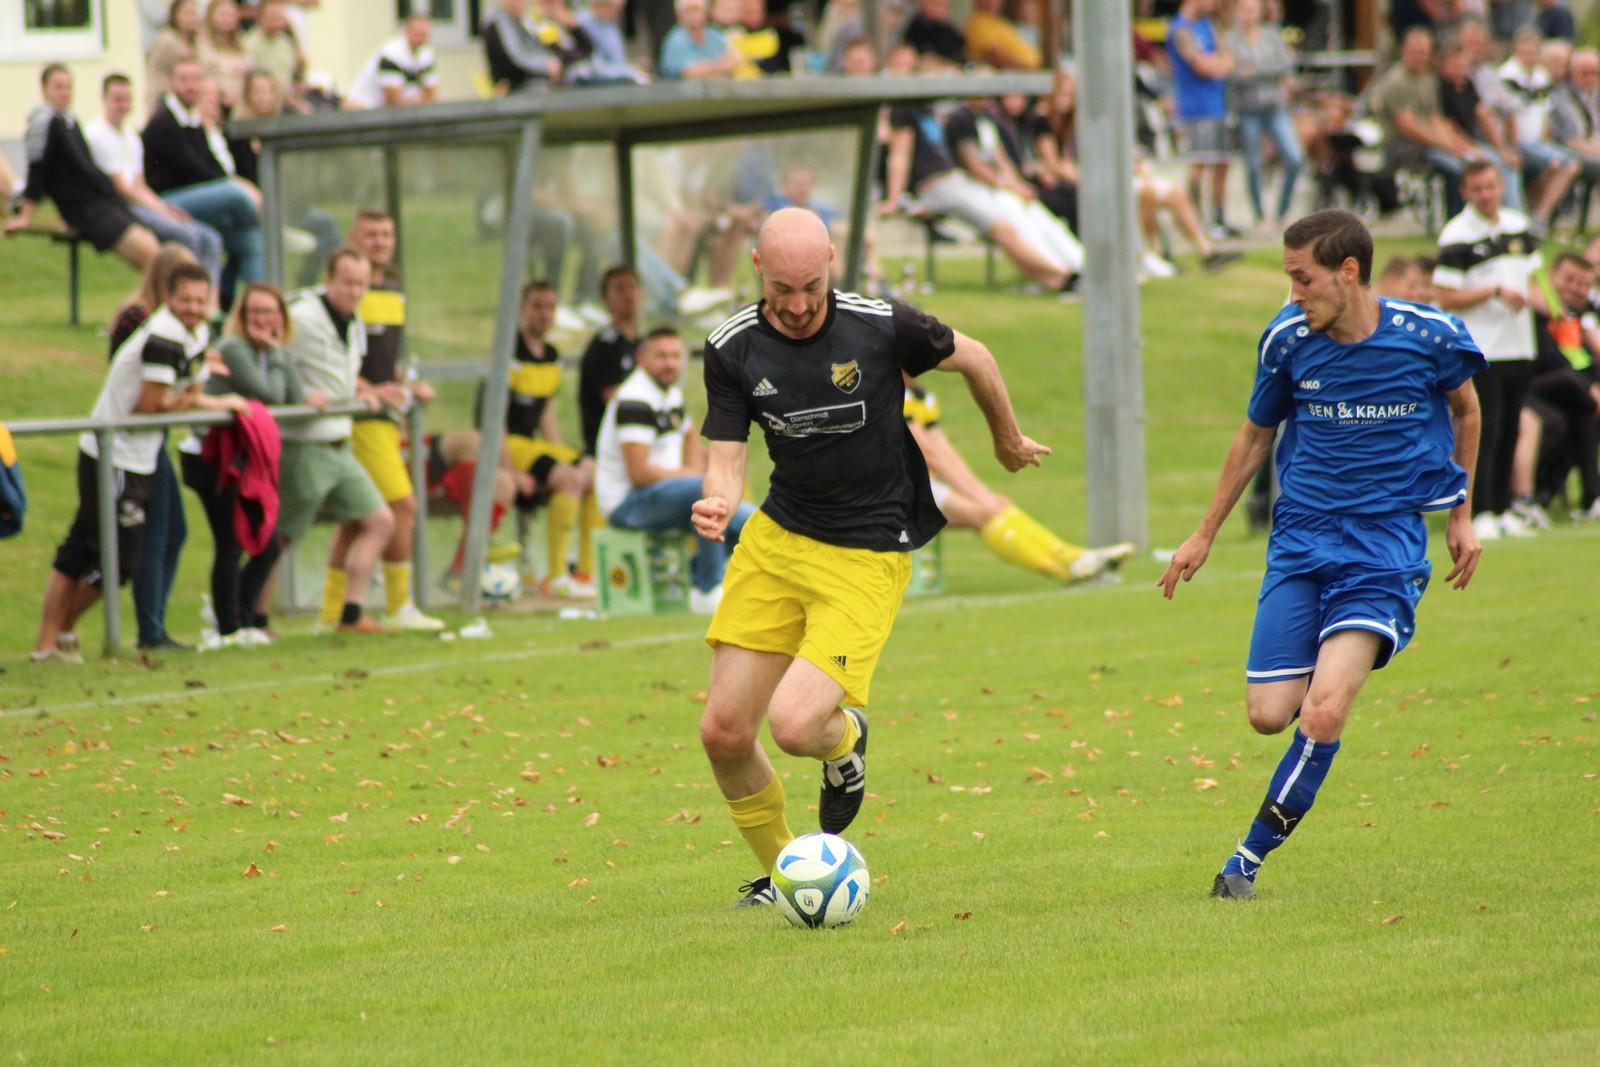 26.09.2021: SV Beuren I - FC Illerkirchberg I